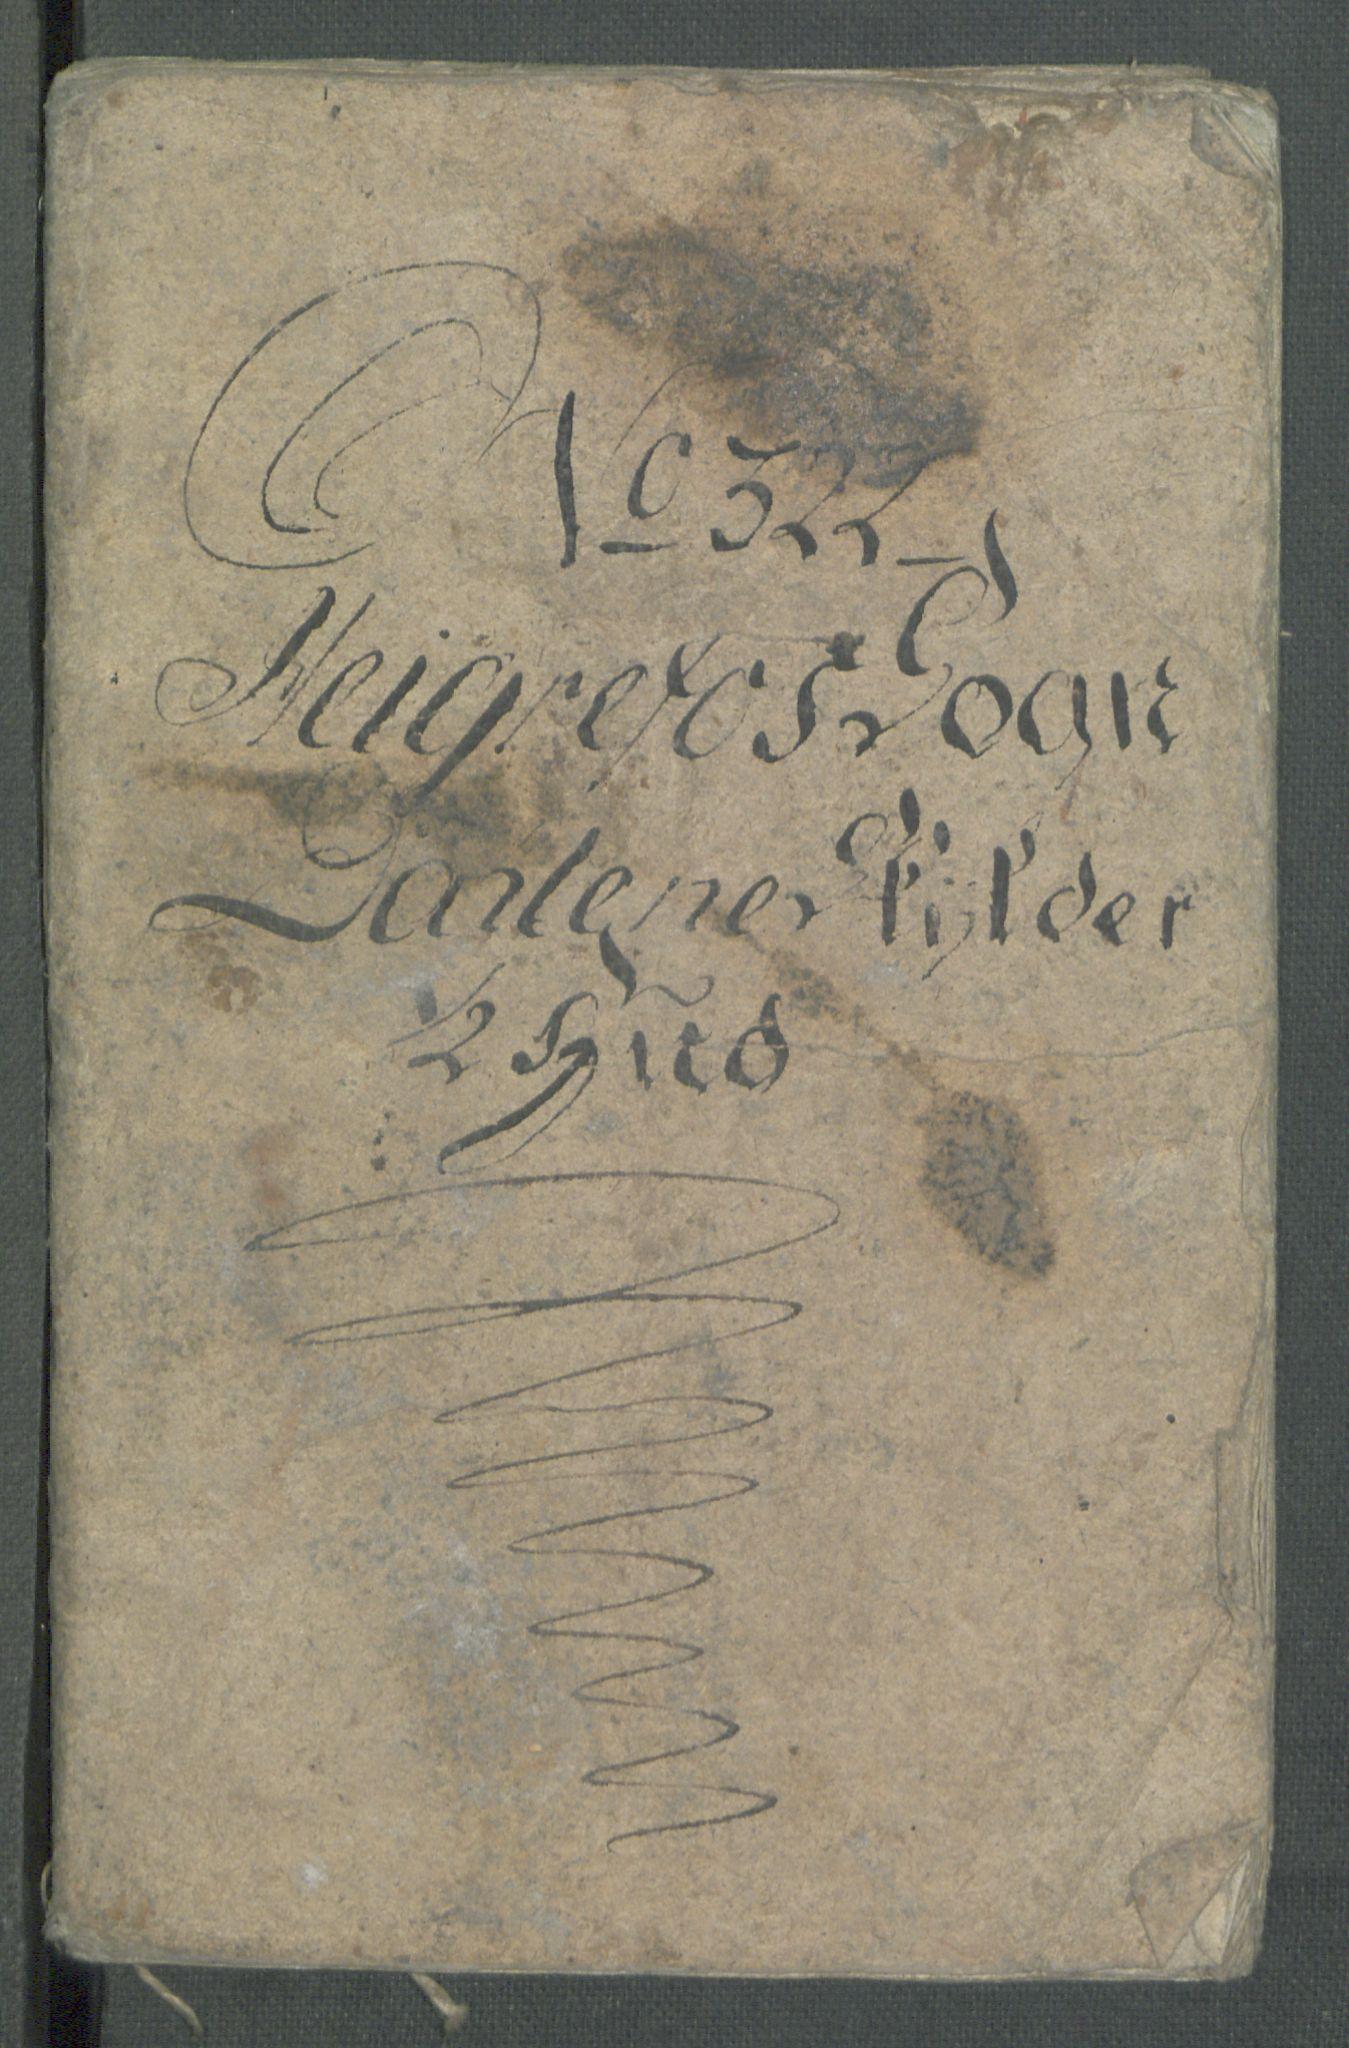 RA, Rentekammeret inntil 1814, Realistisk ordnet avdeling, Od/L0001: Oppløp, 1786-1769, s. 594